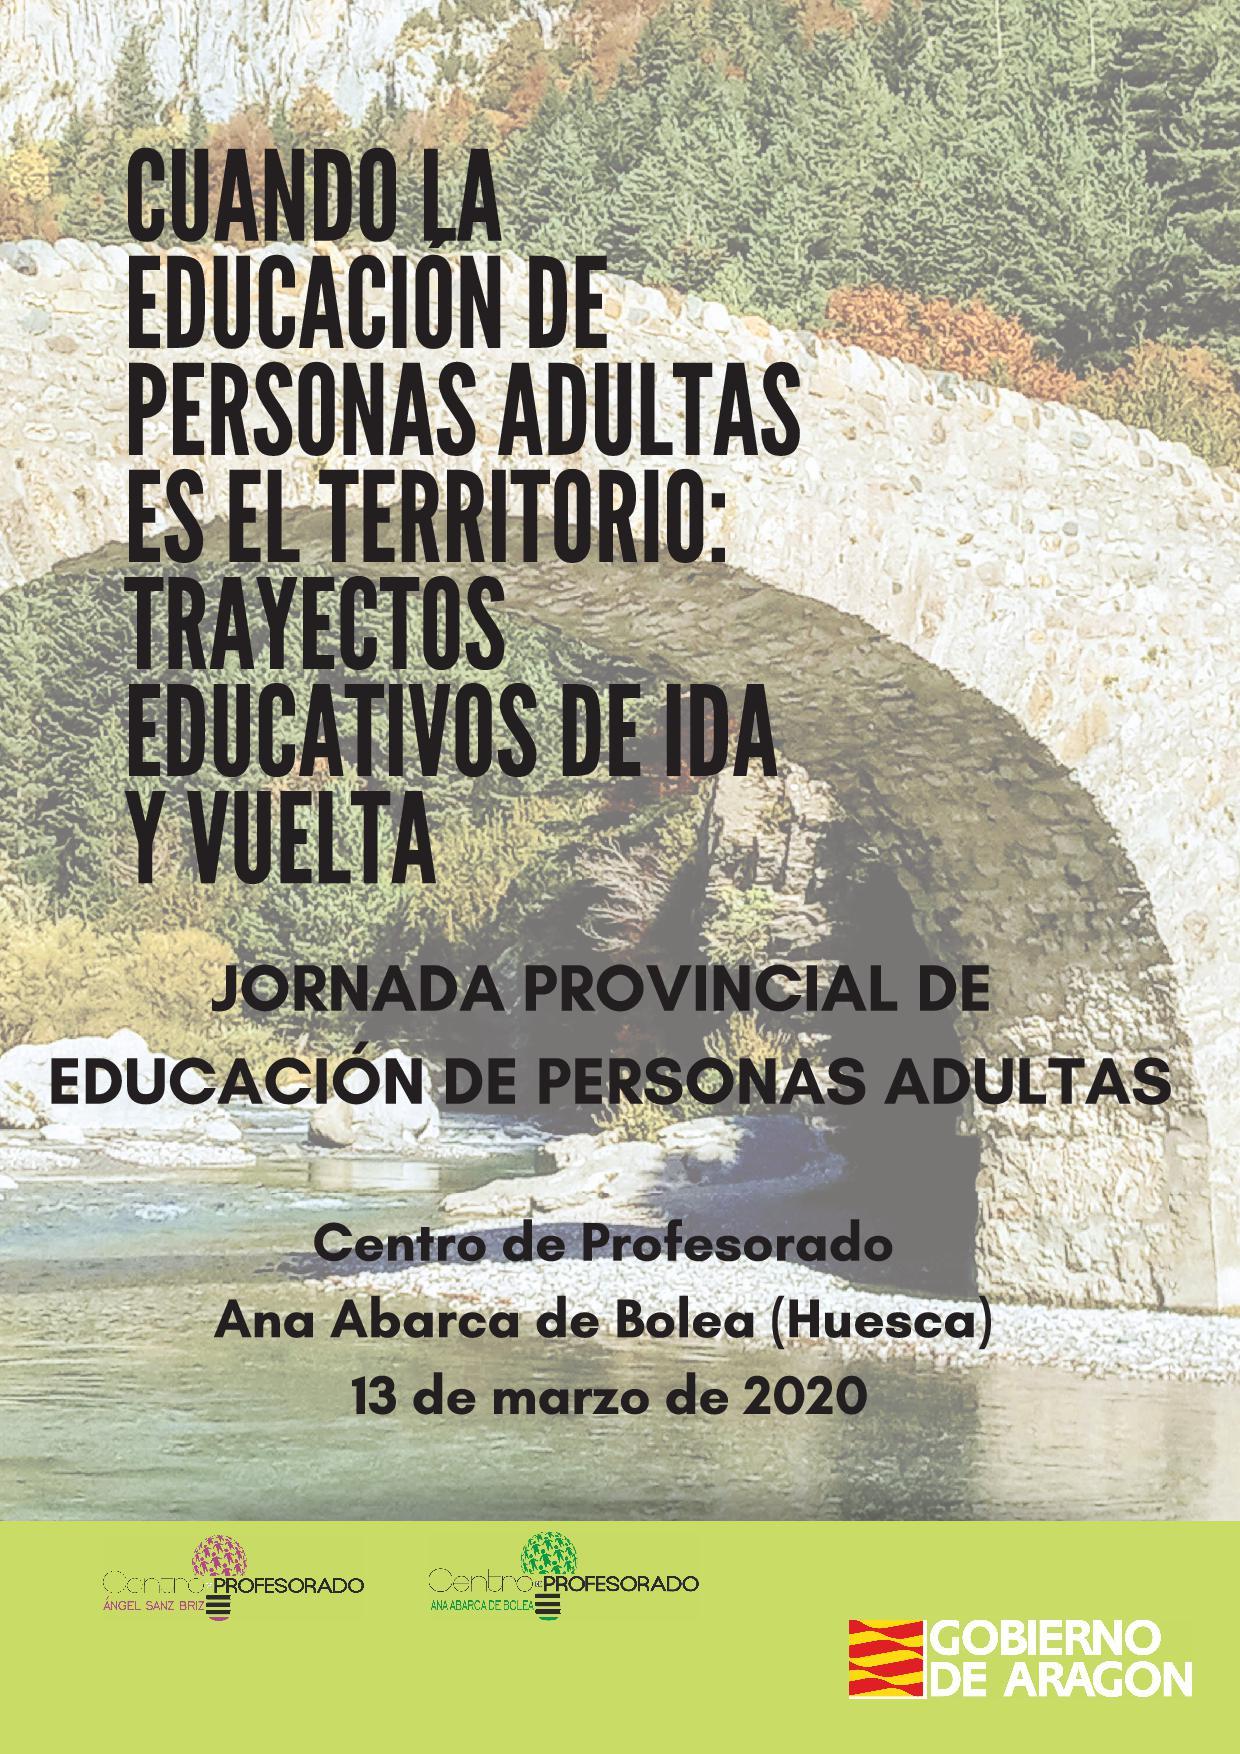 JORNADA PROVINCIAL DE EDUCACIÓN DE PERSONAS ADULTAS (HUESCA)